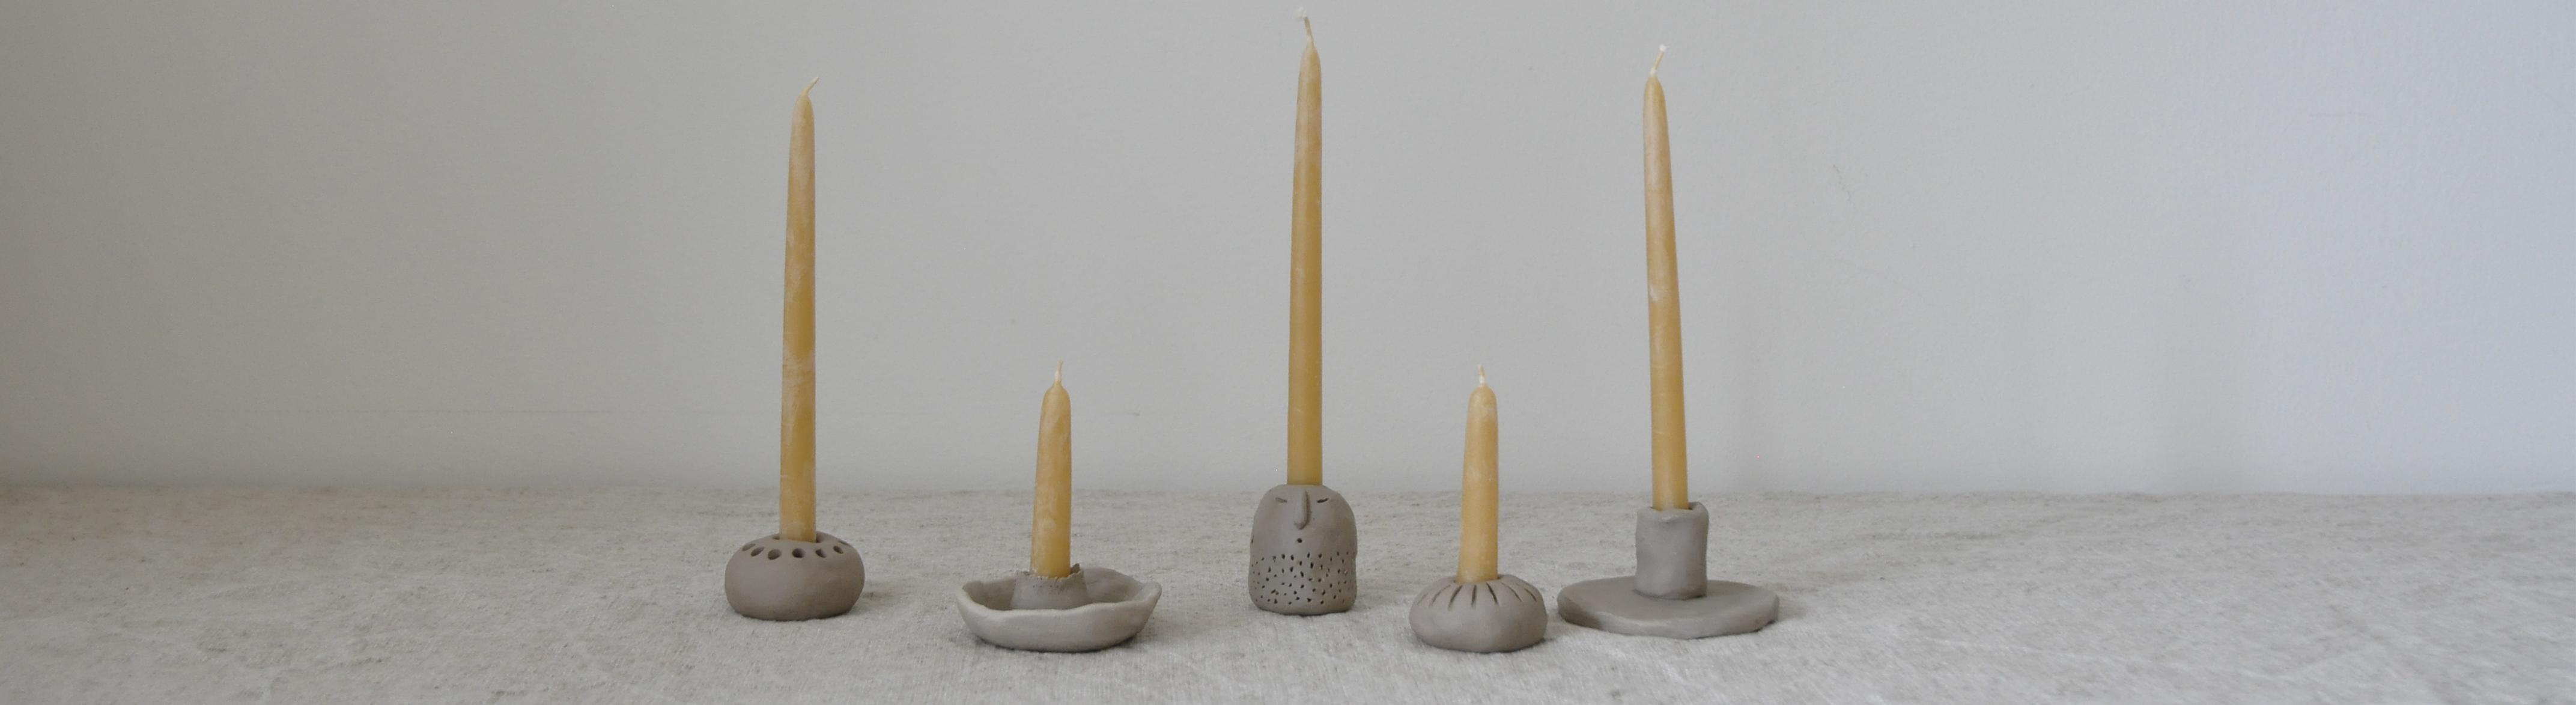 Rockmyday Titelbild Kerzen - achtsam im Advent | Die schönsten Geschenke aus Modelliermasse